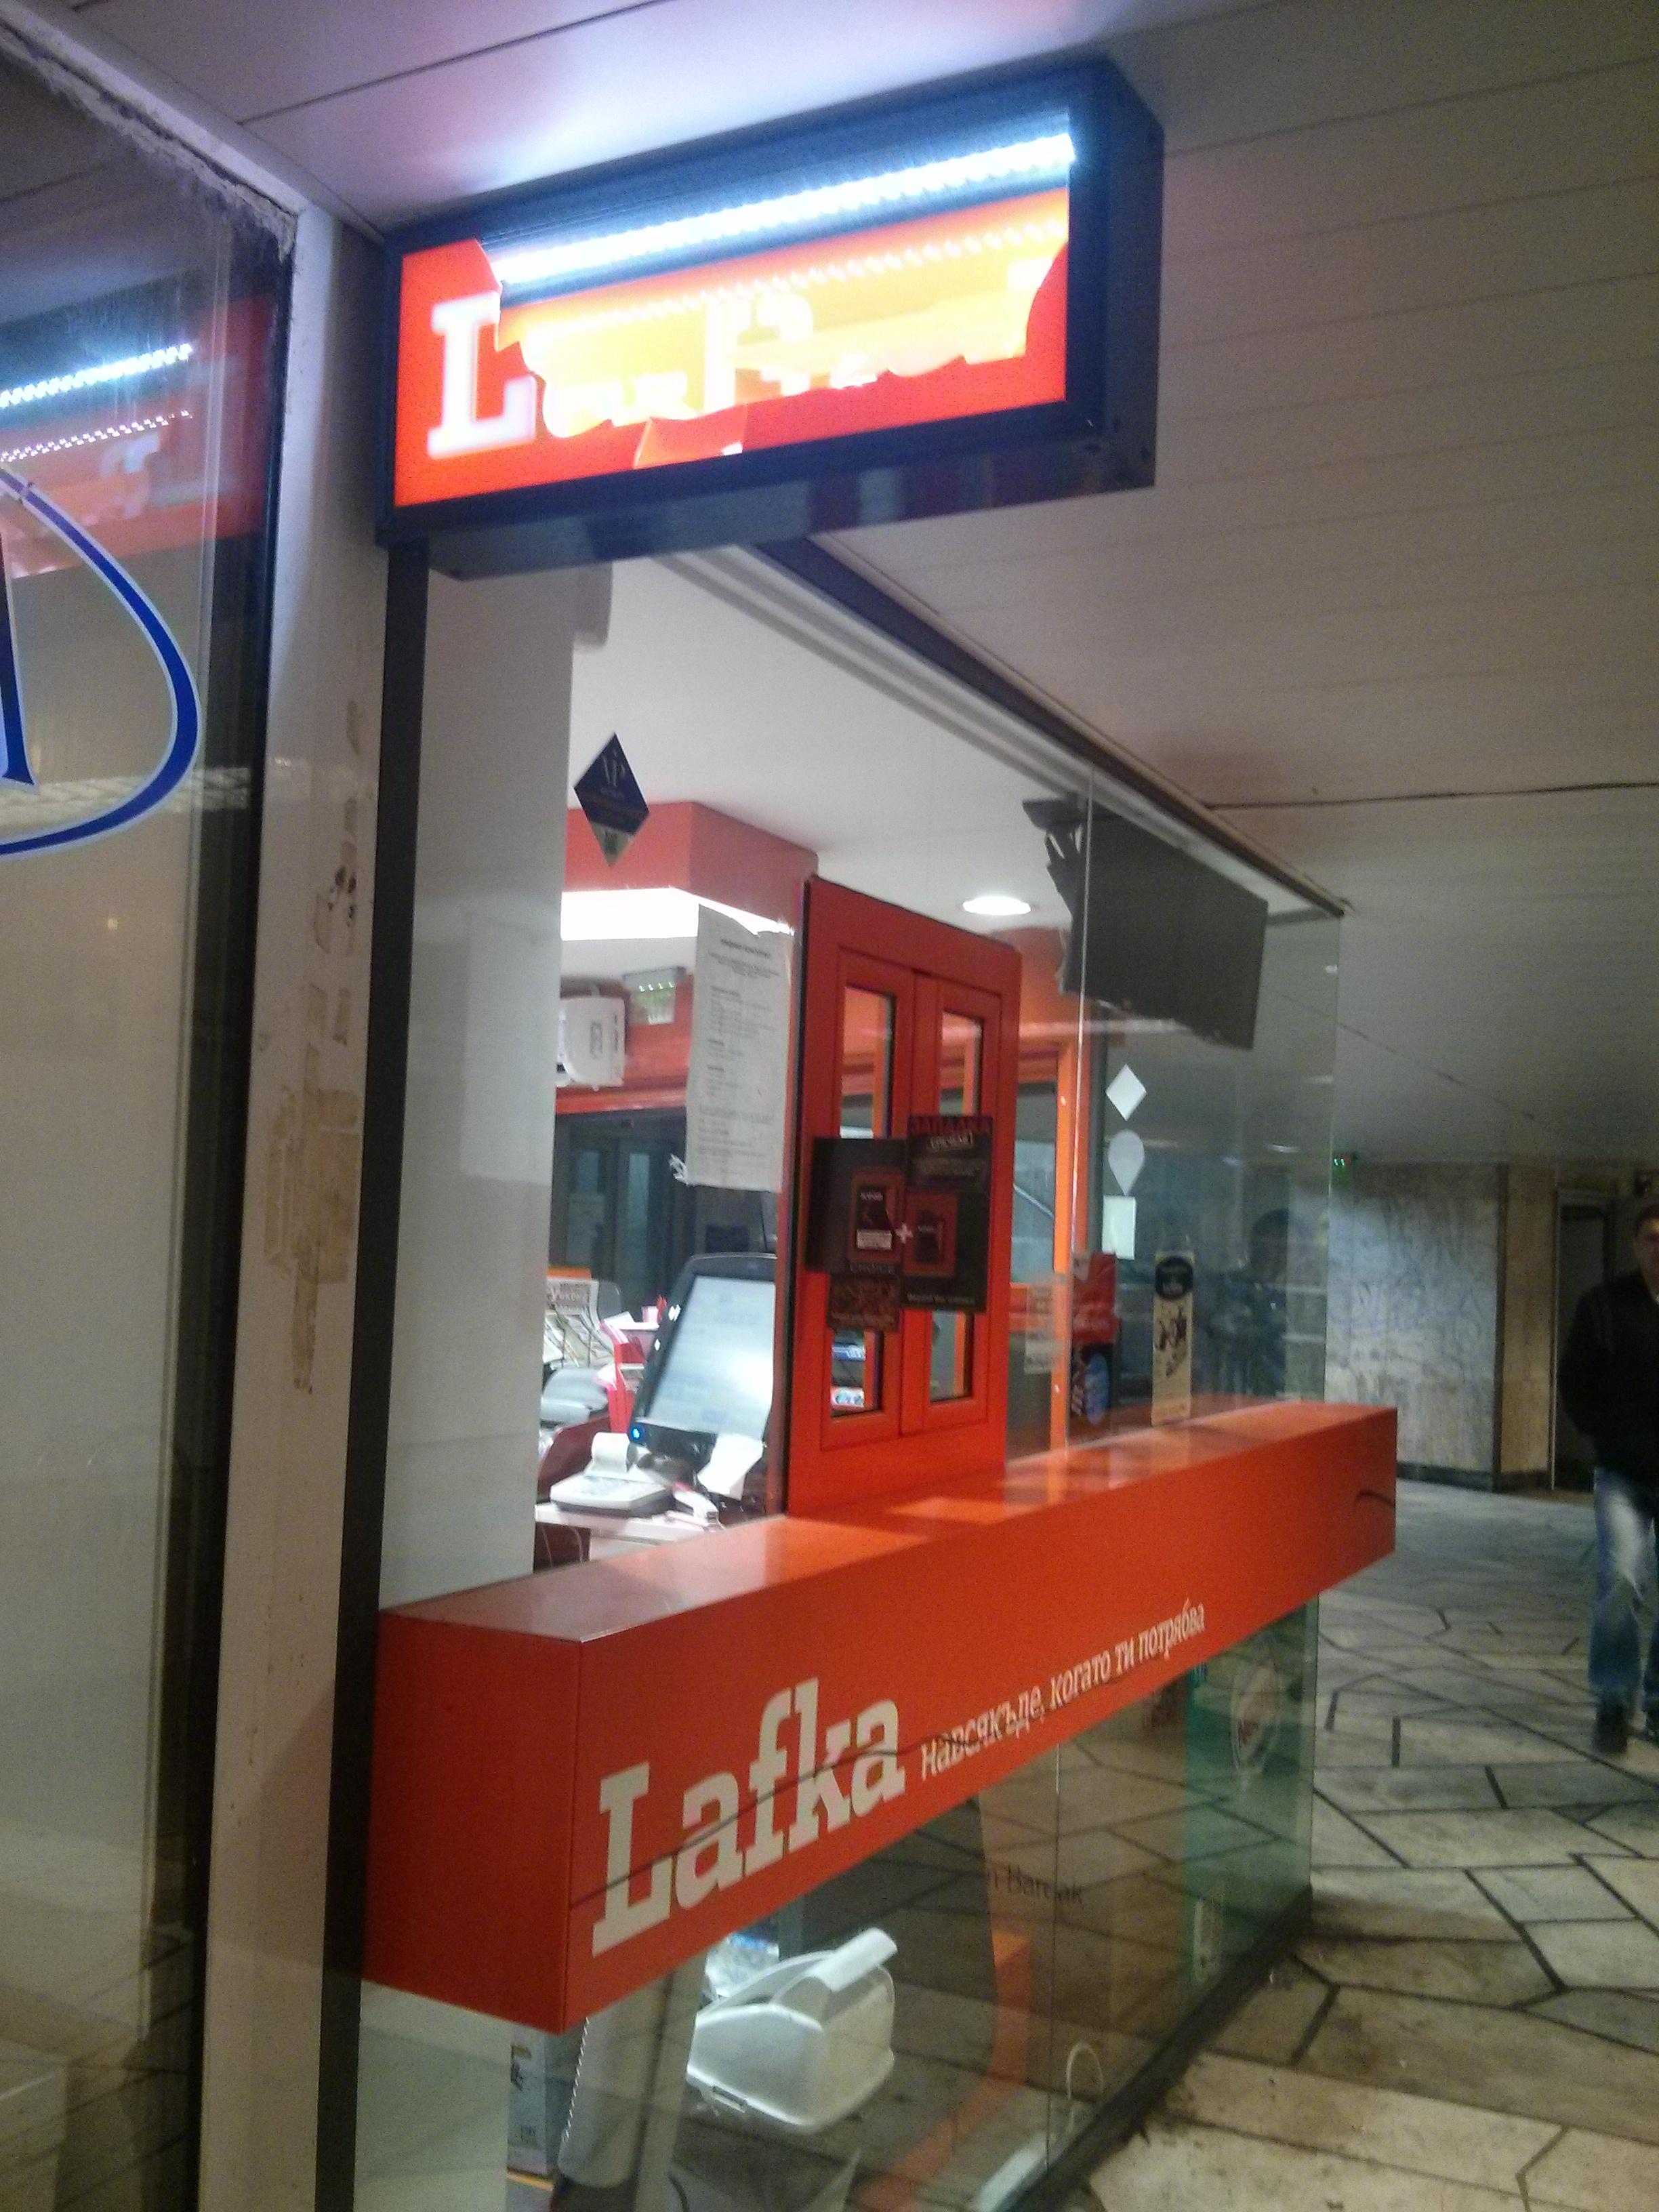 Възмущение за Lafka